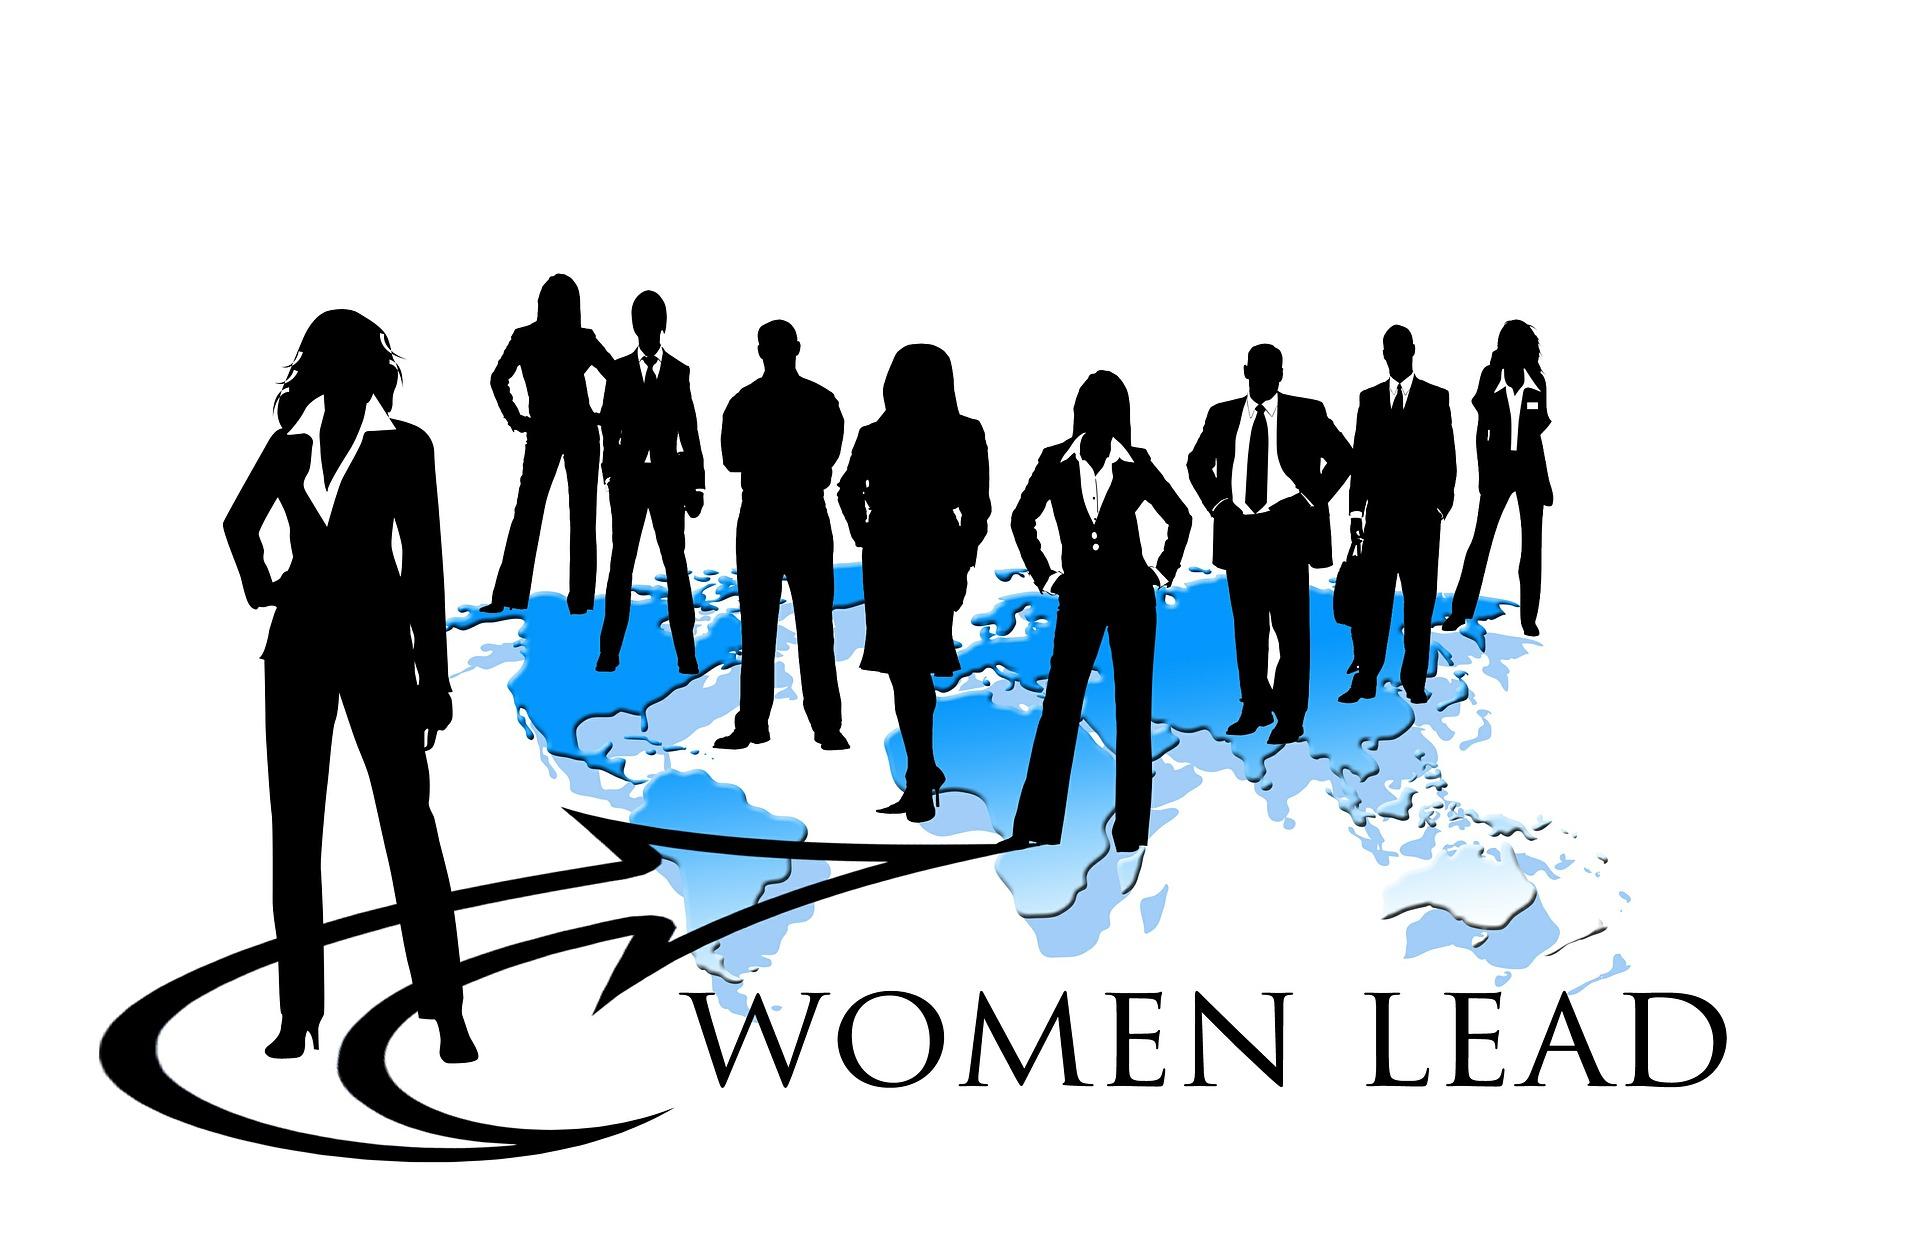 Saveti za nove ženske lidere...